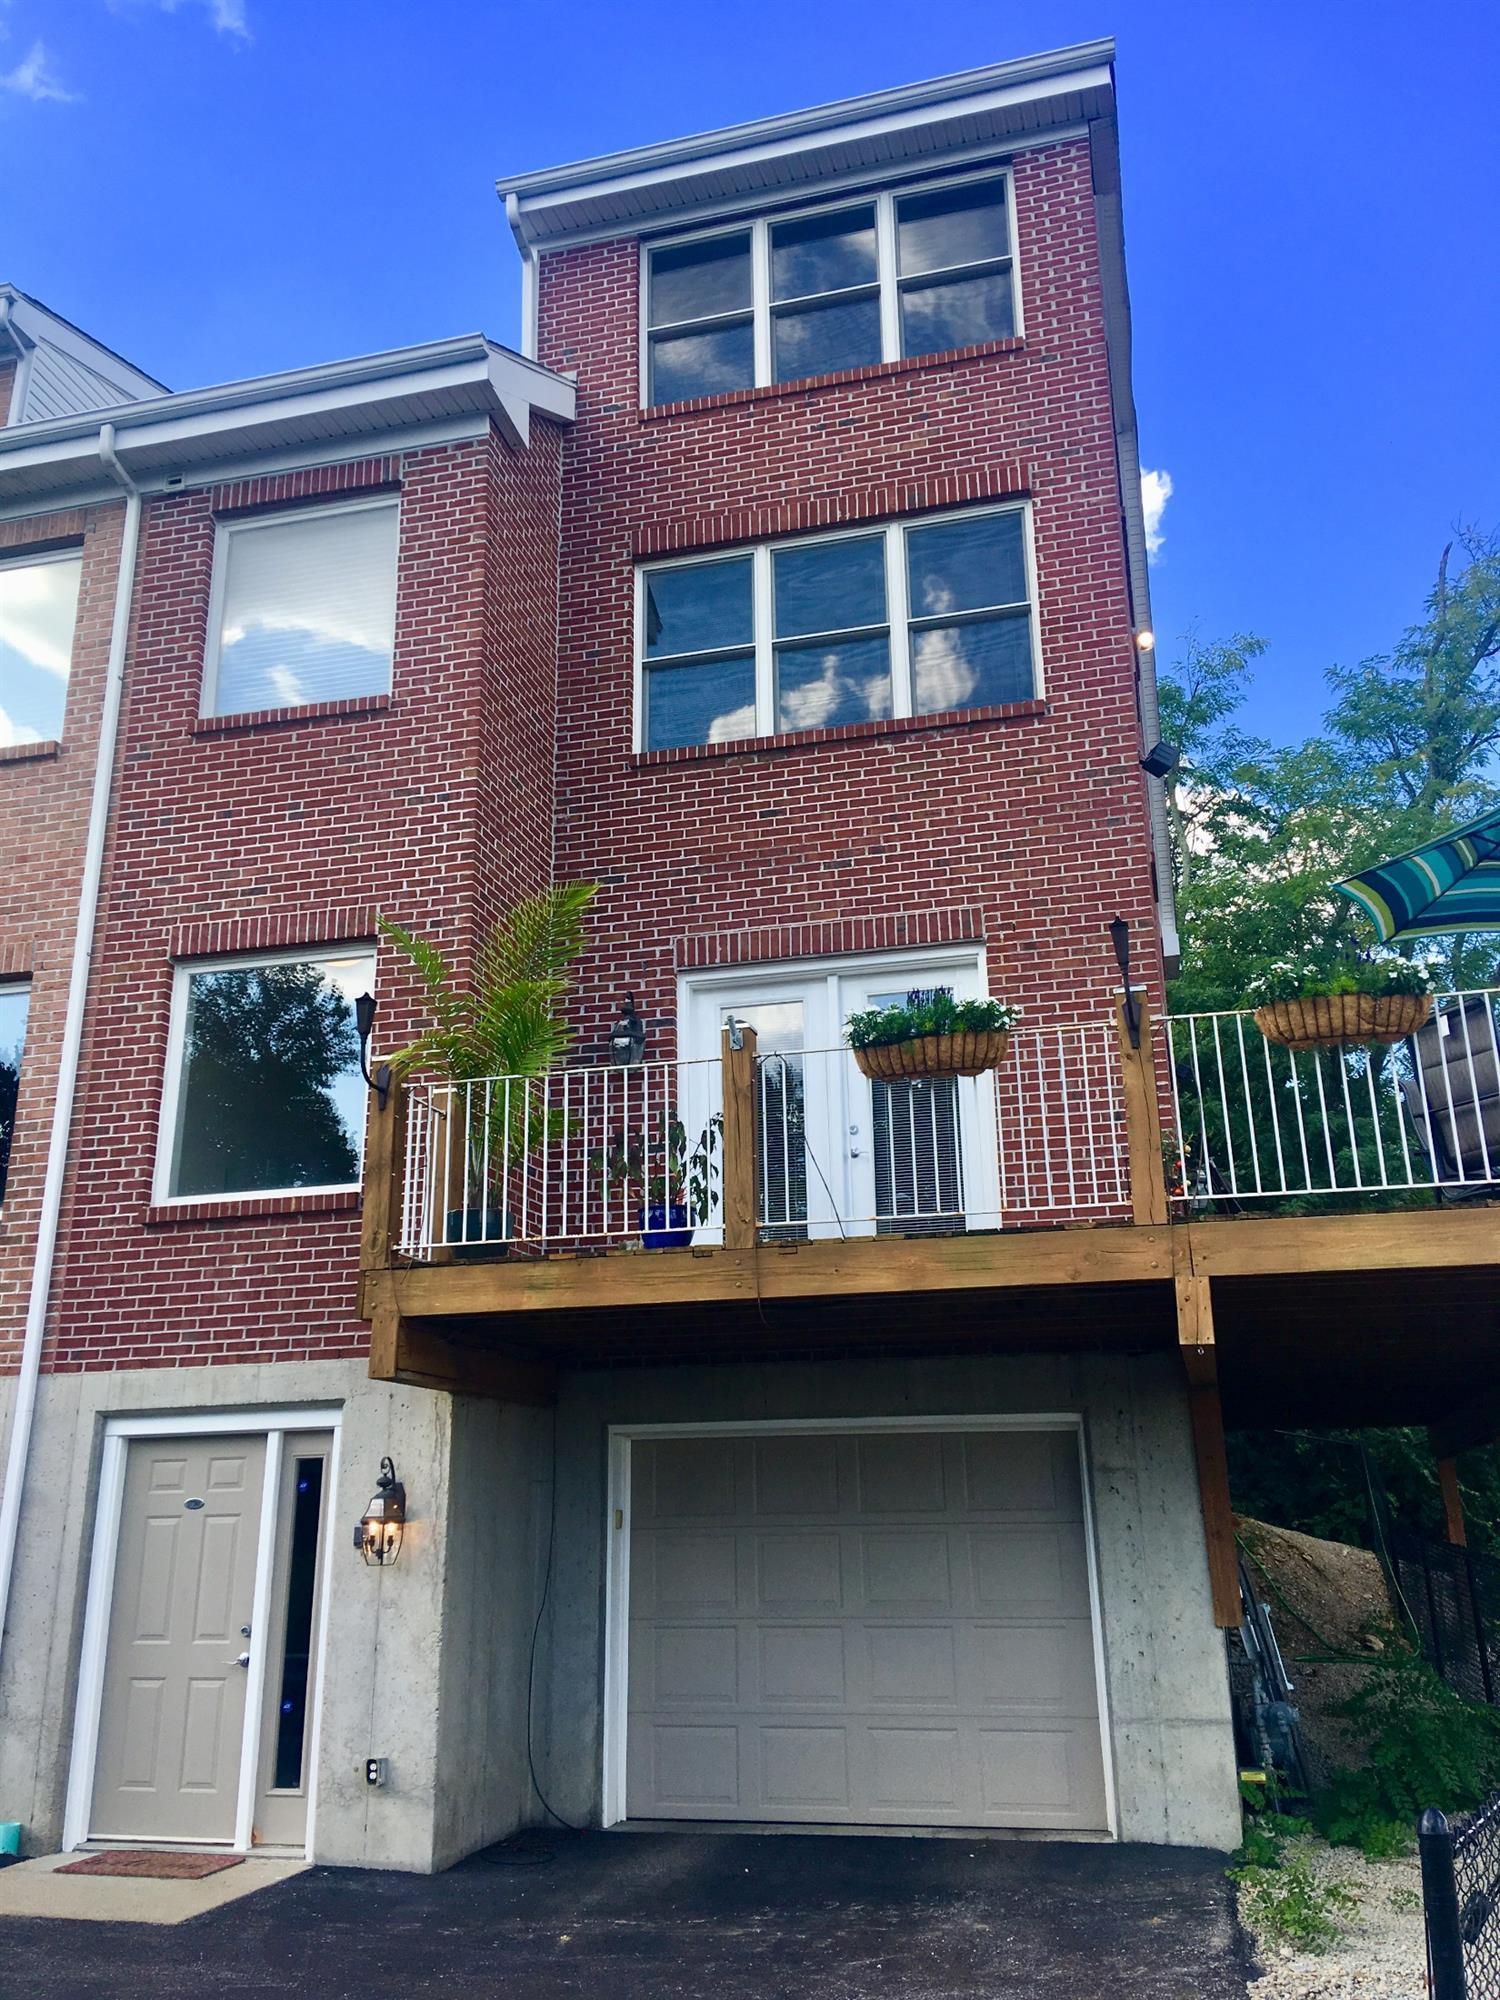 Property for sale at 1730 Grandmere Lane, Cincinnati,  OH 45206